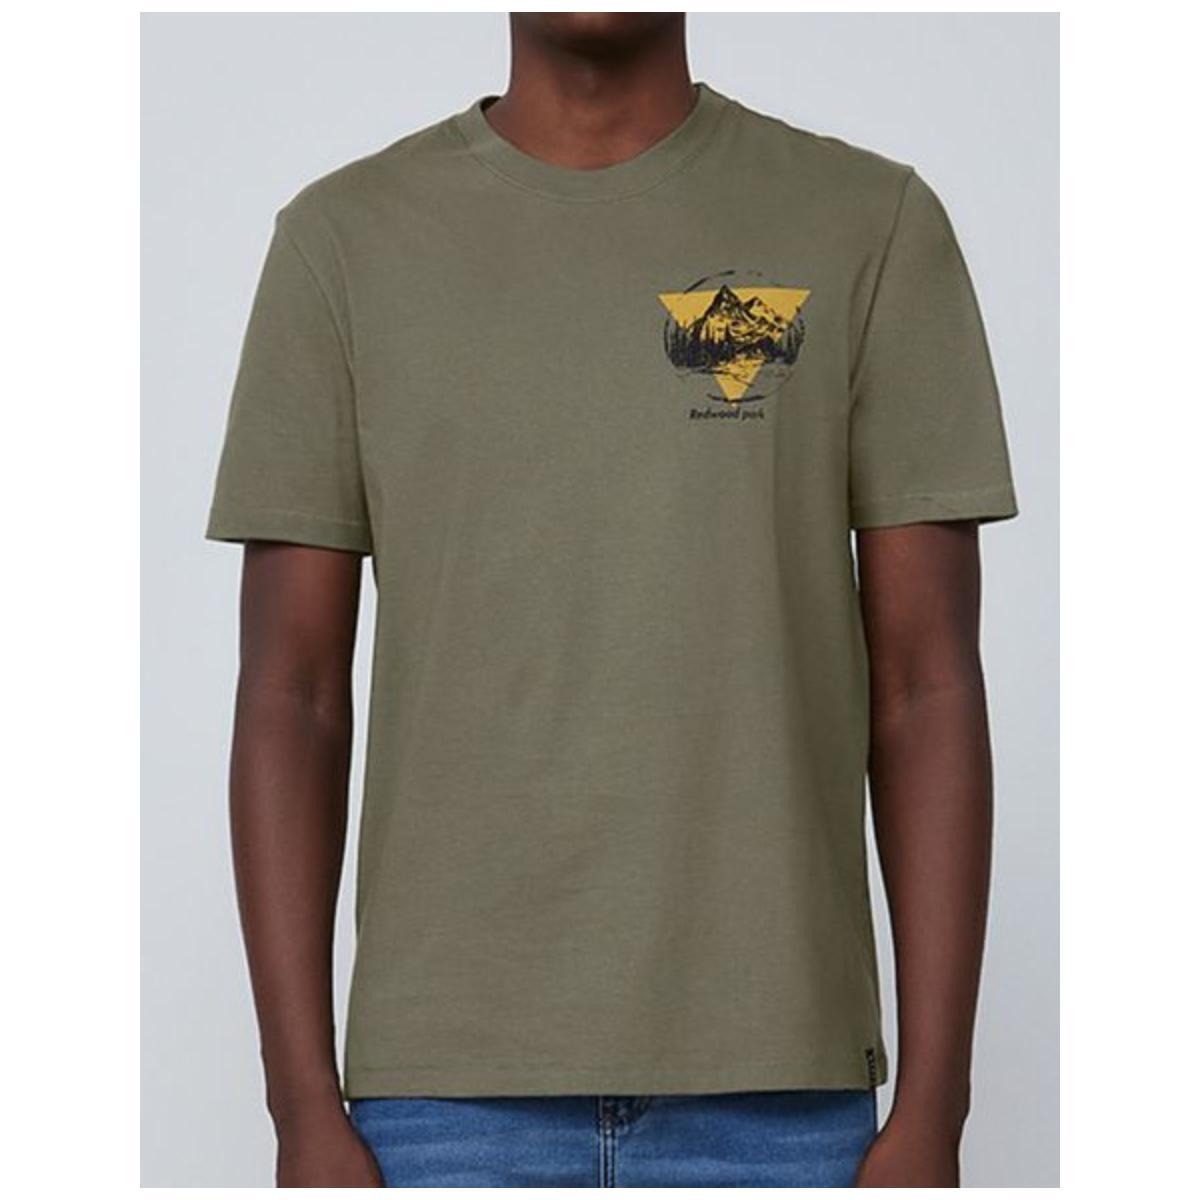 Camiseta Masculina Dzarm 6rn5 Eacen Verde